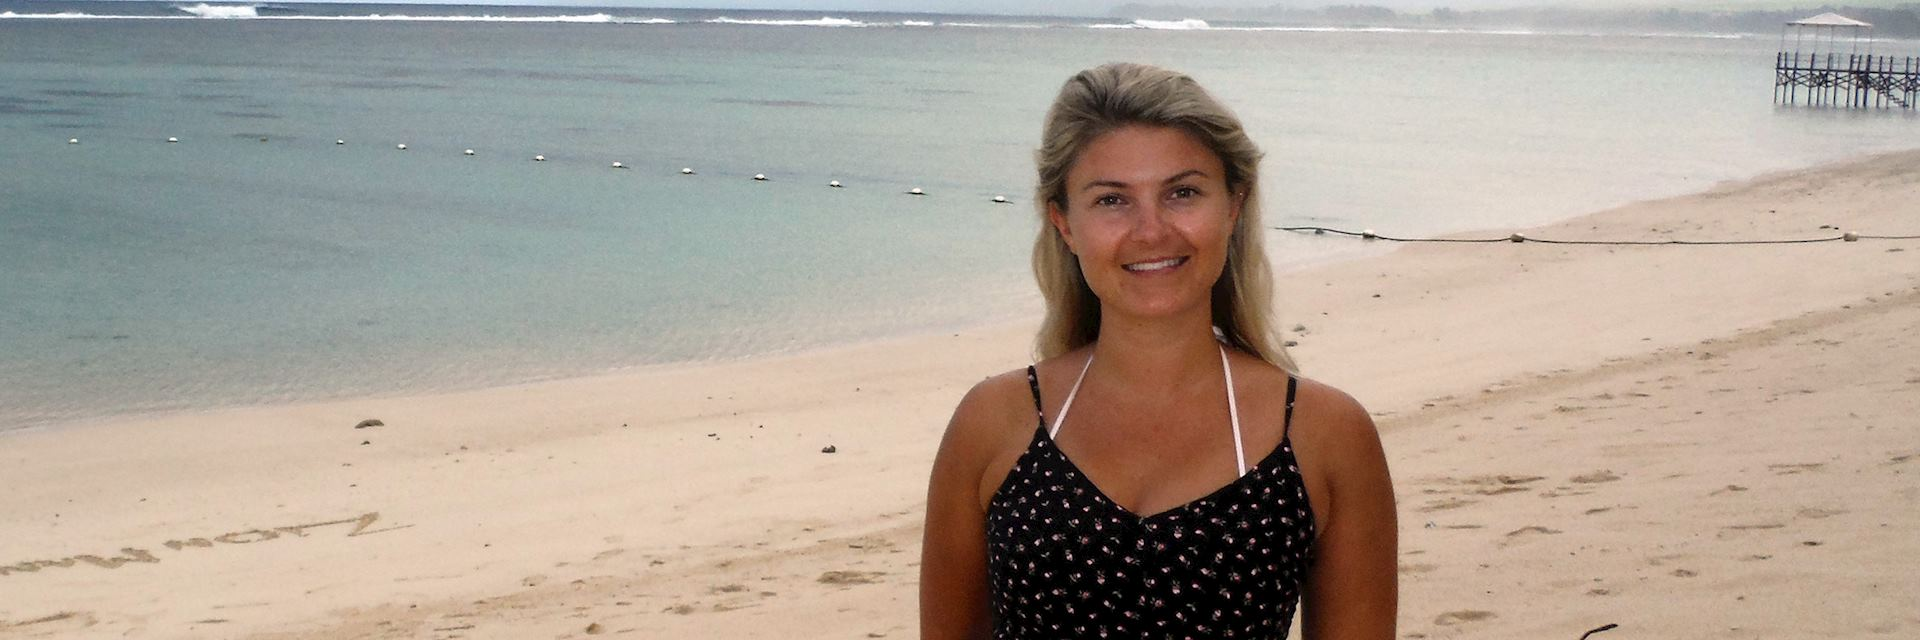 Anna in Mauritius